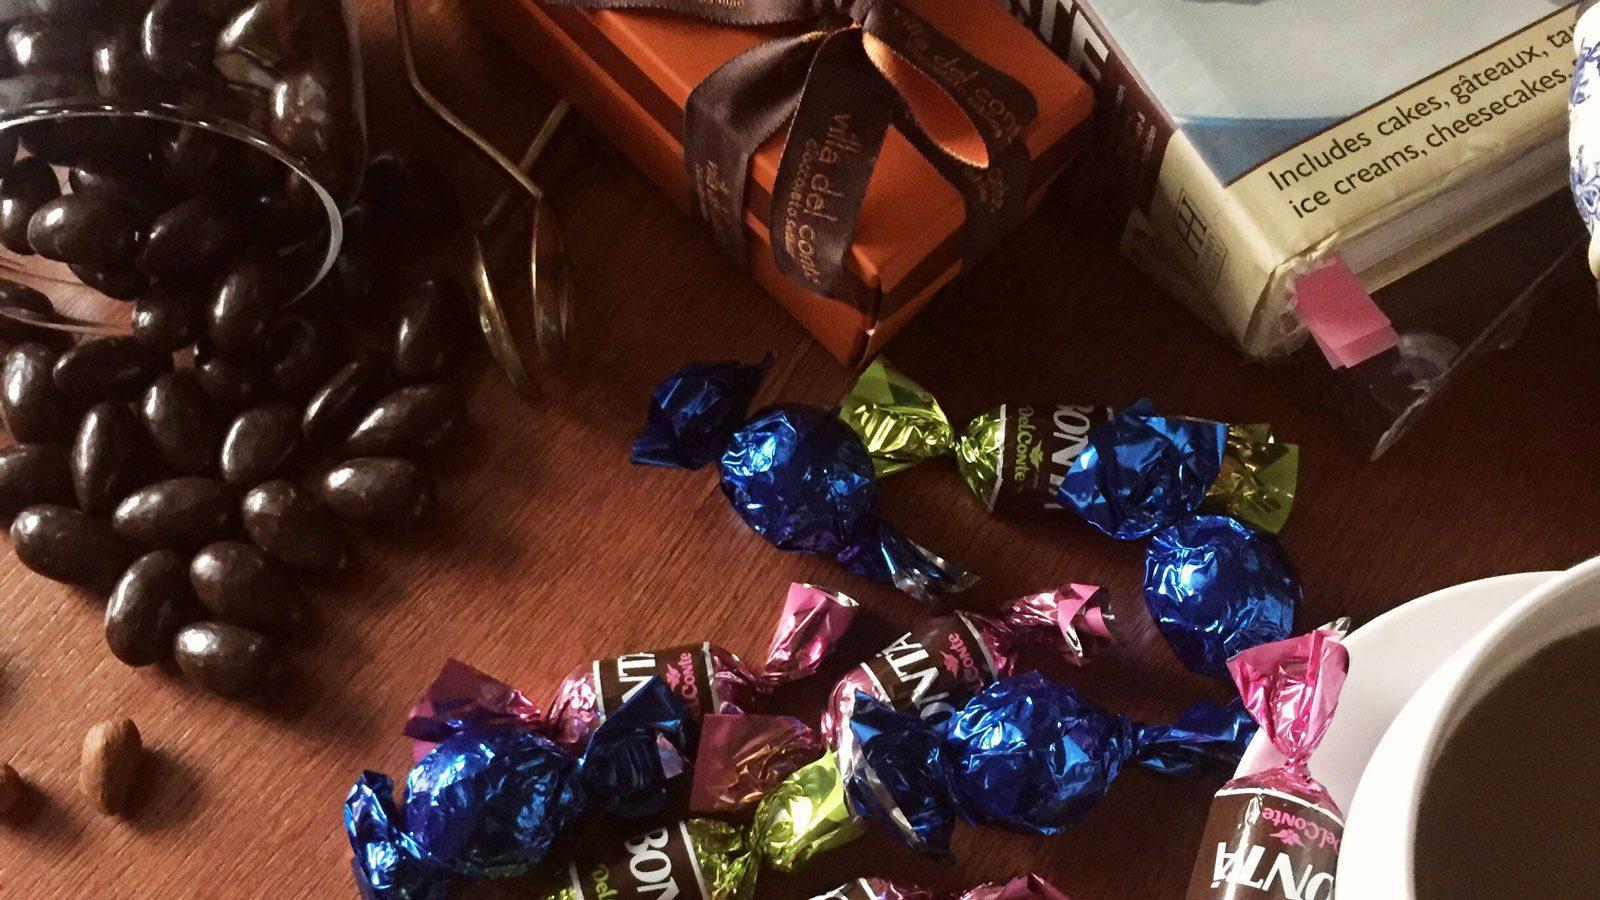 New flavors from Villa Del Conte chocolates